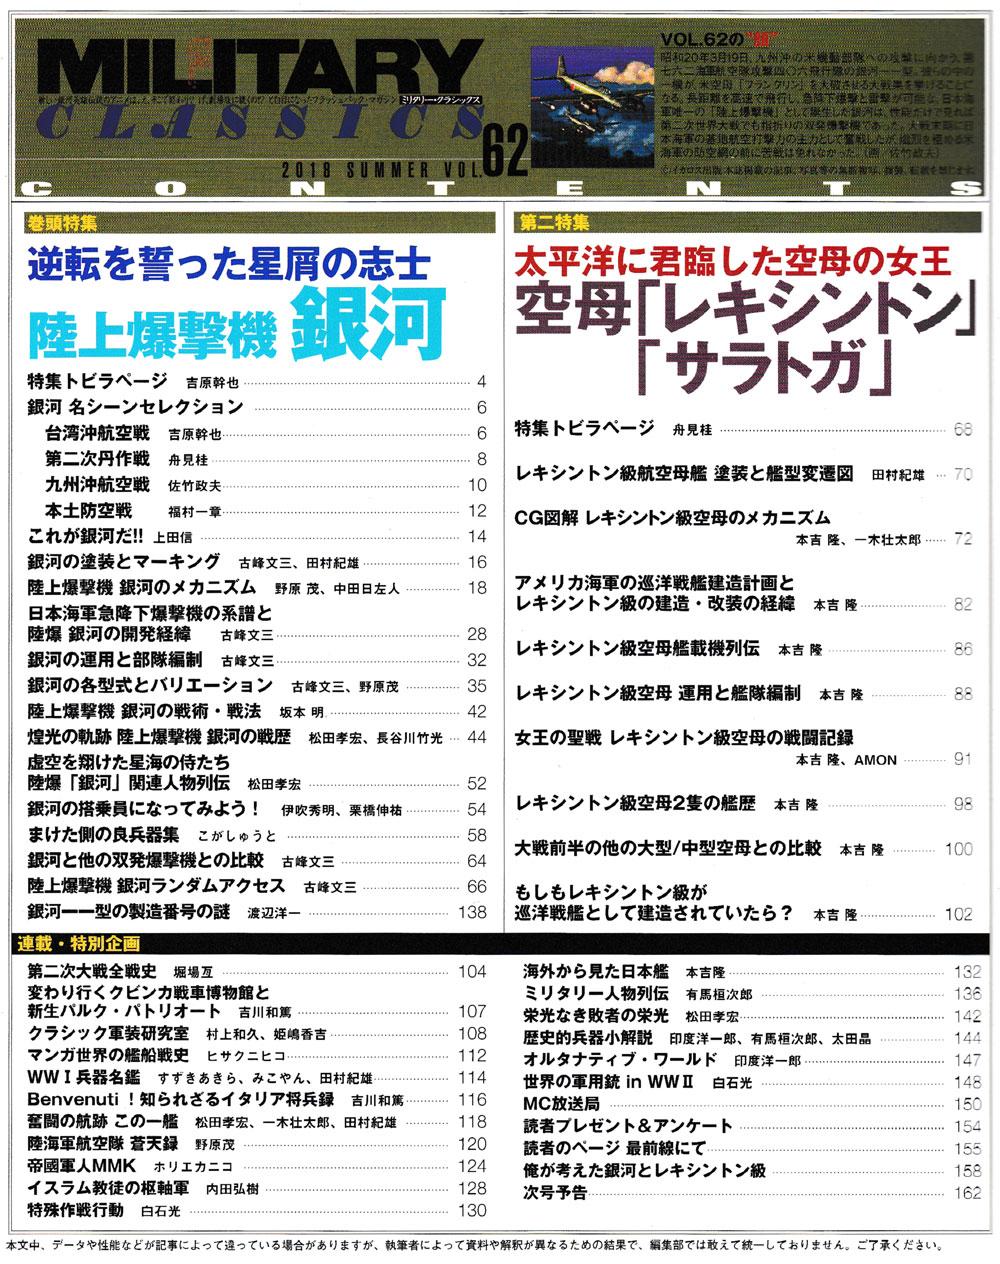 ミリタリー・クラシックス Vol.62雑誌(イカロス出版ミリタリー クラシックス (MILITARY CLASSICS)No.062)商品画像_1